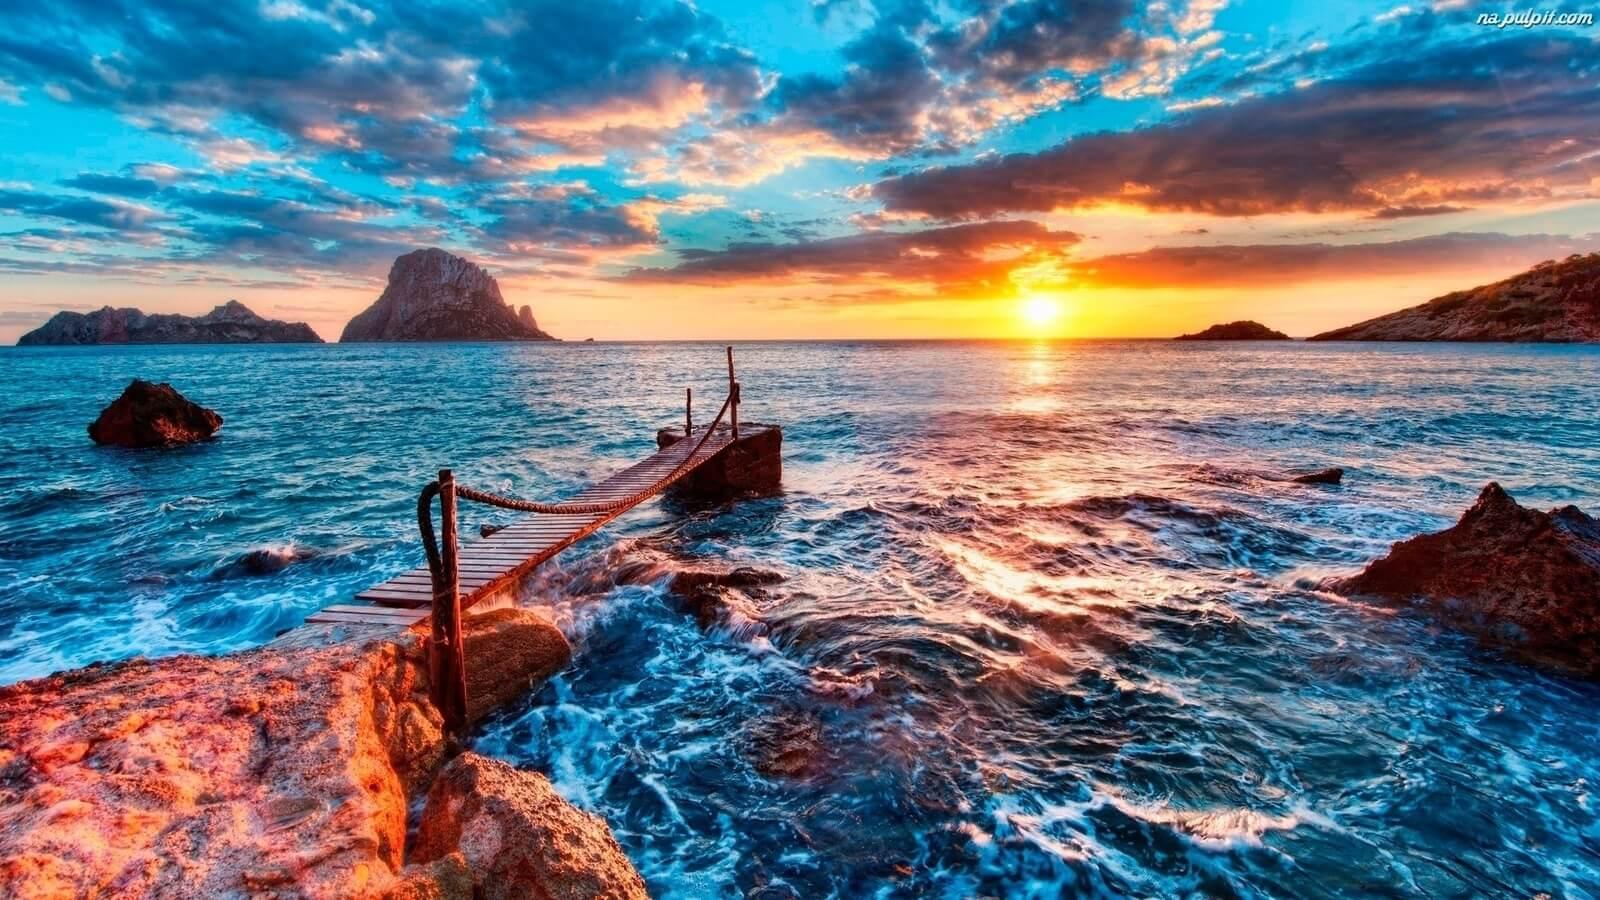 Днем, картинка с видом на море в хорошем качестве